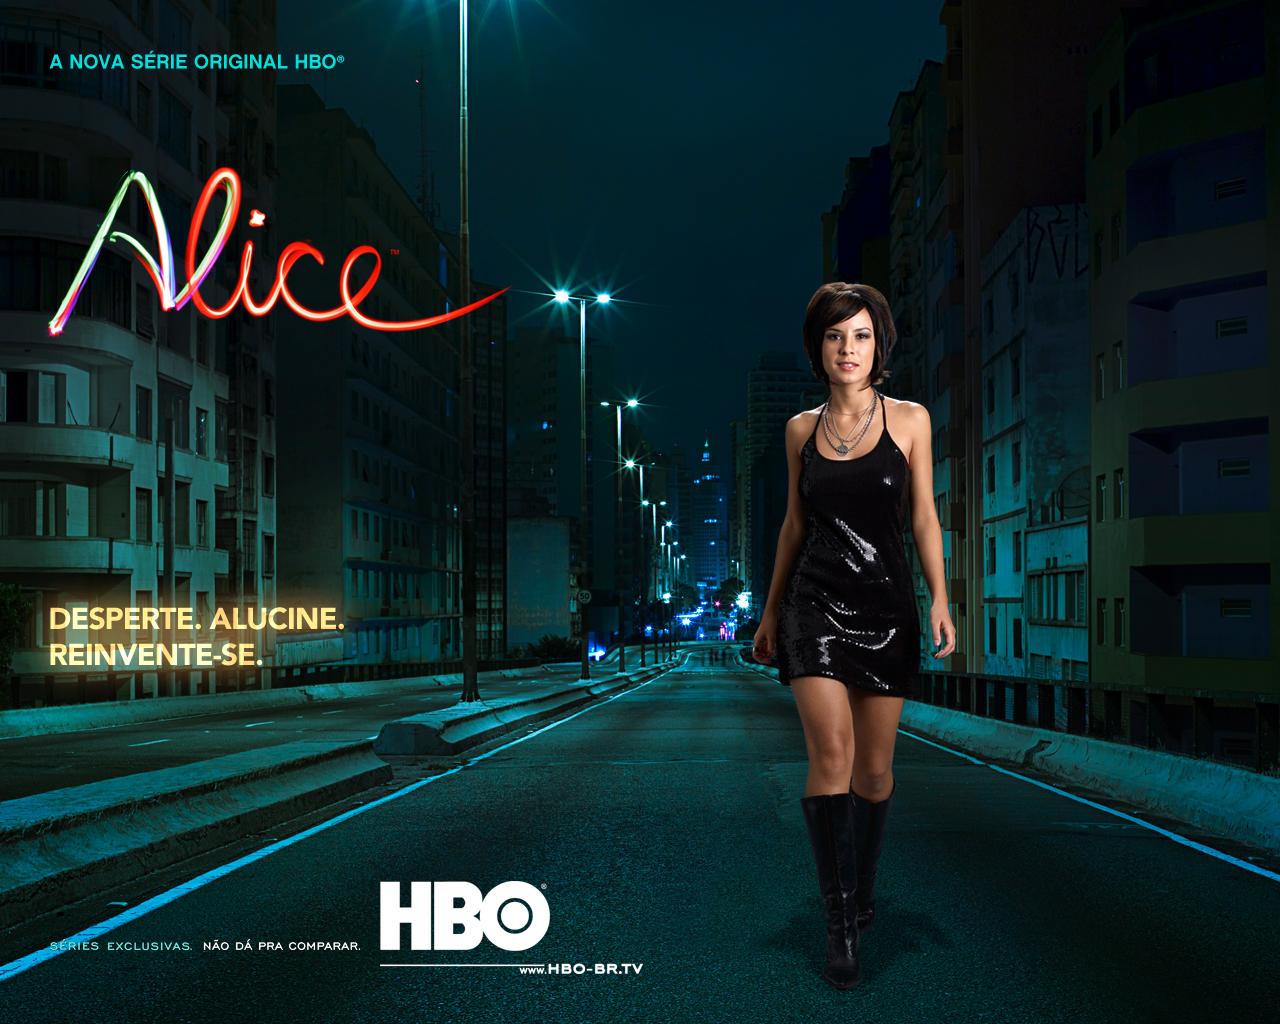 Serie Alicia de HBO